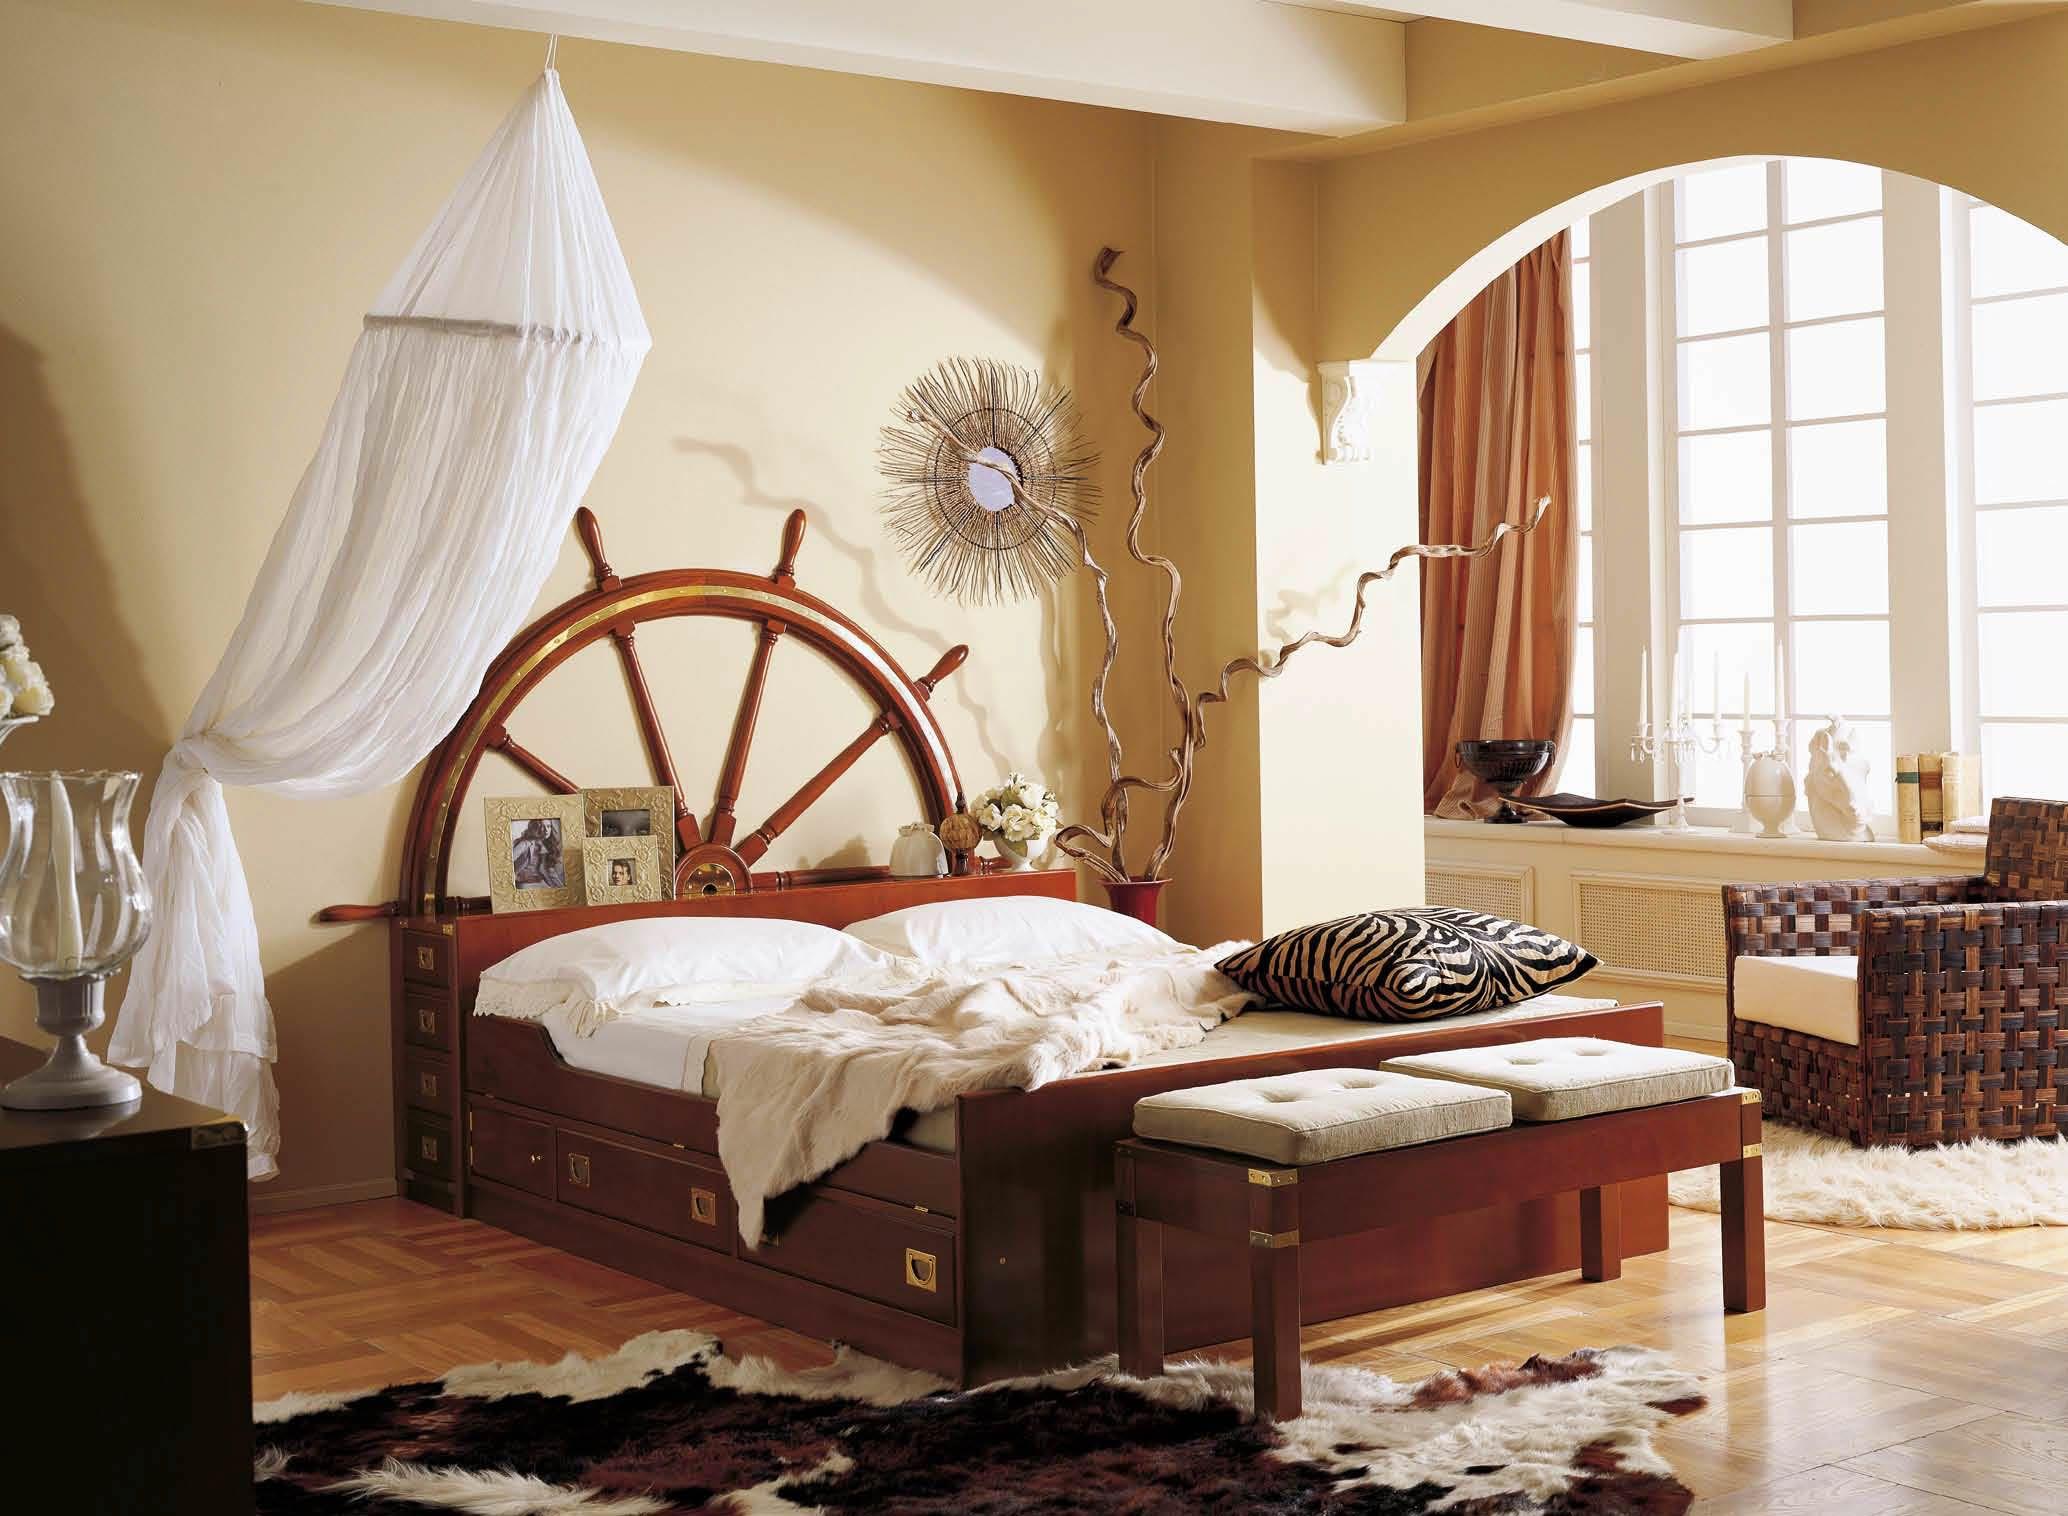 Arredamento stile marinaro - Vendita on line | IlVascello.org